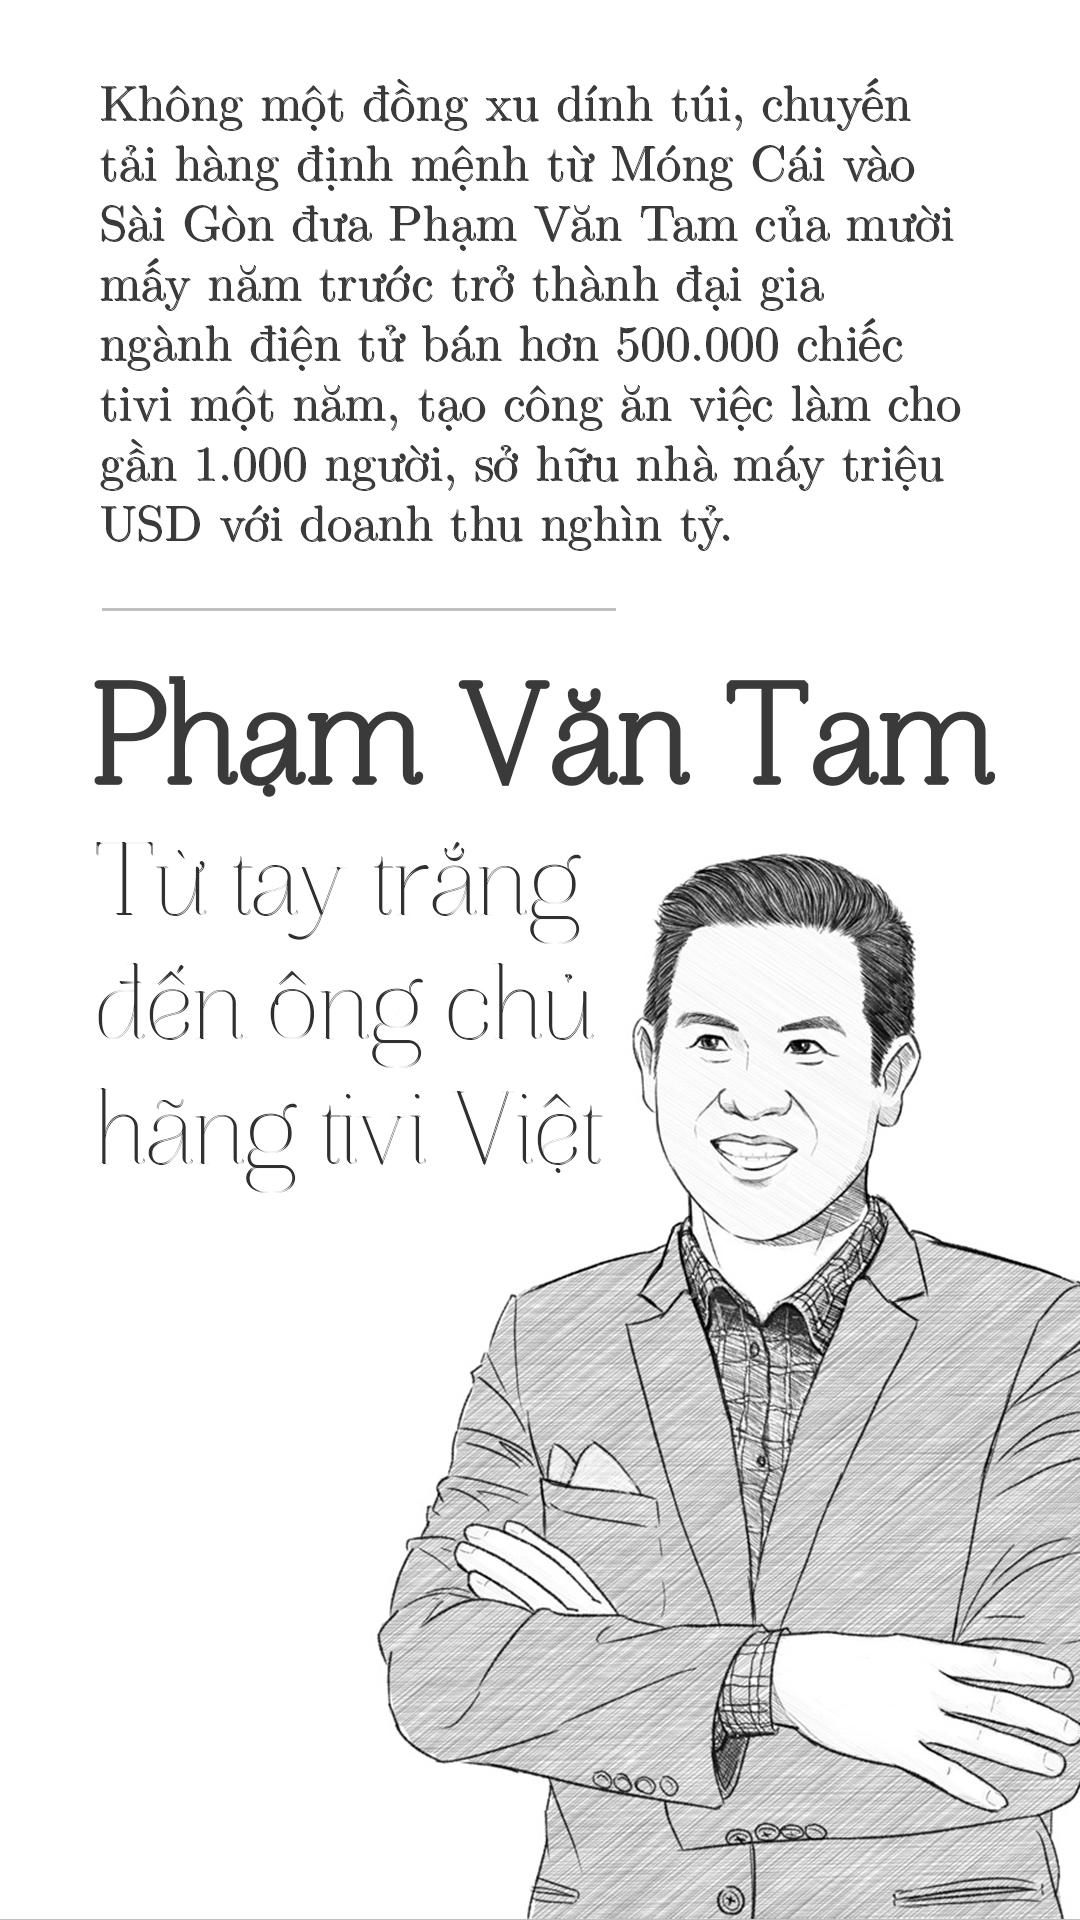 Phạm Văn Tam